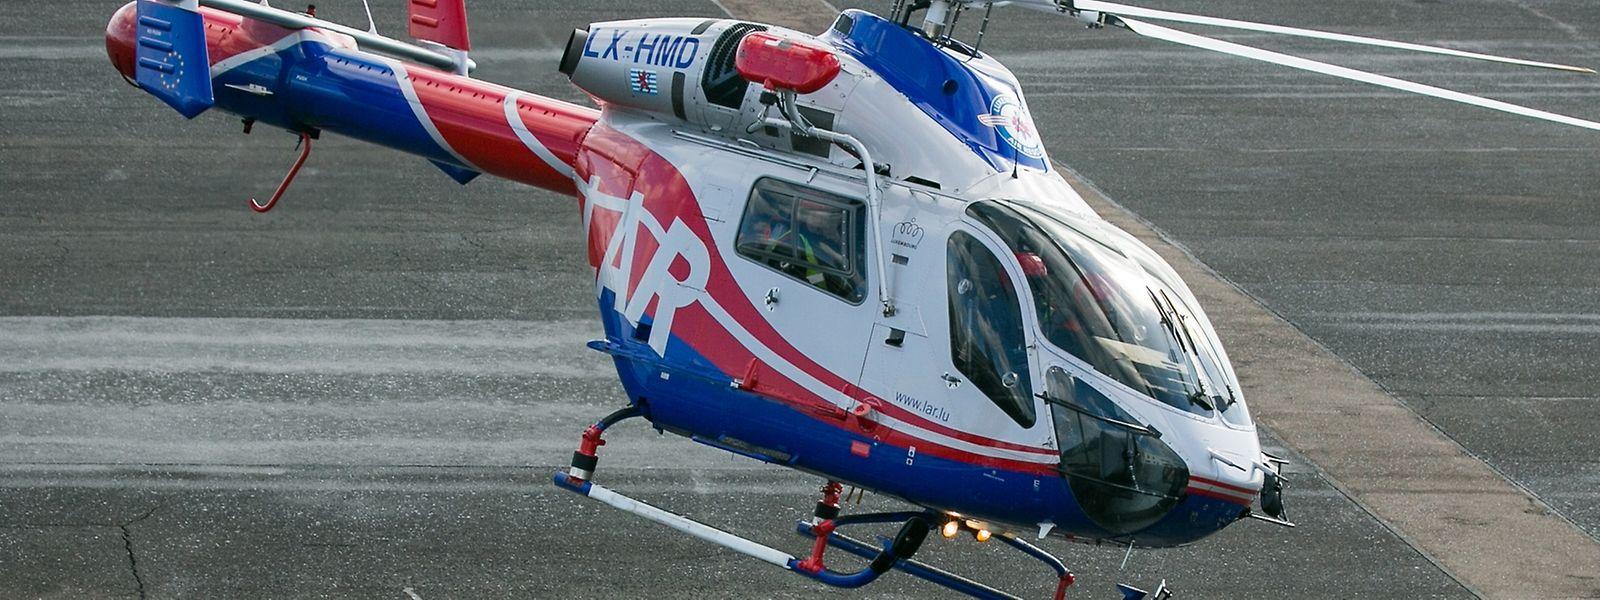 Ein Hubschrauber der LAR brachte den Notarzt zum Unfallort.